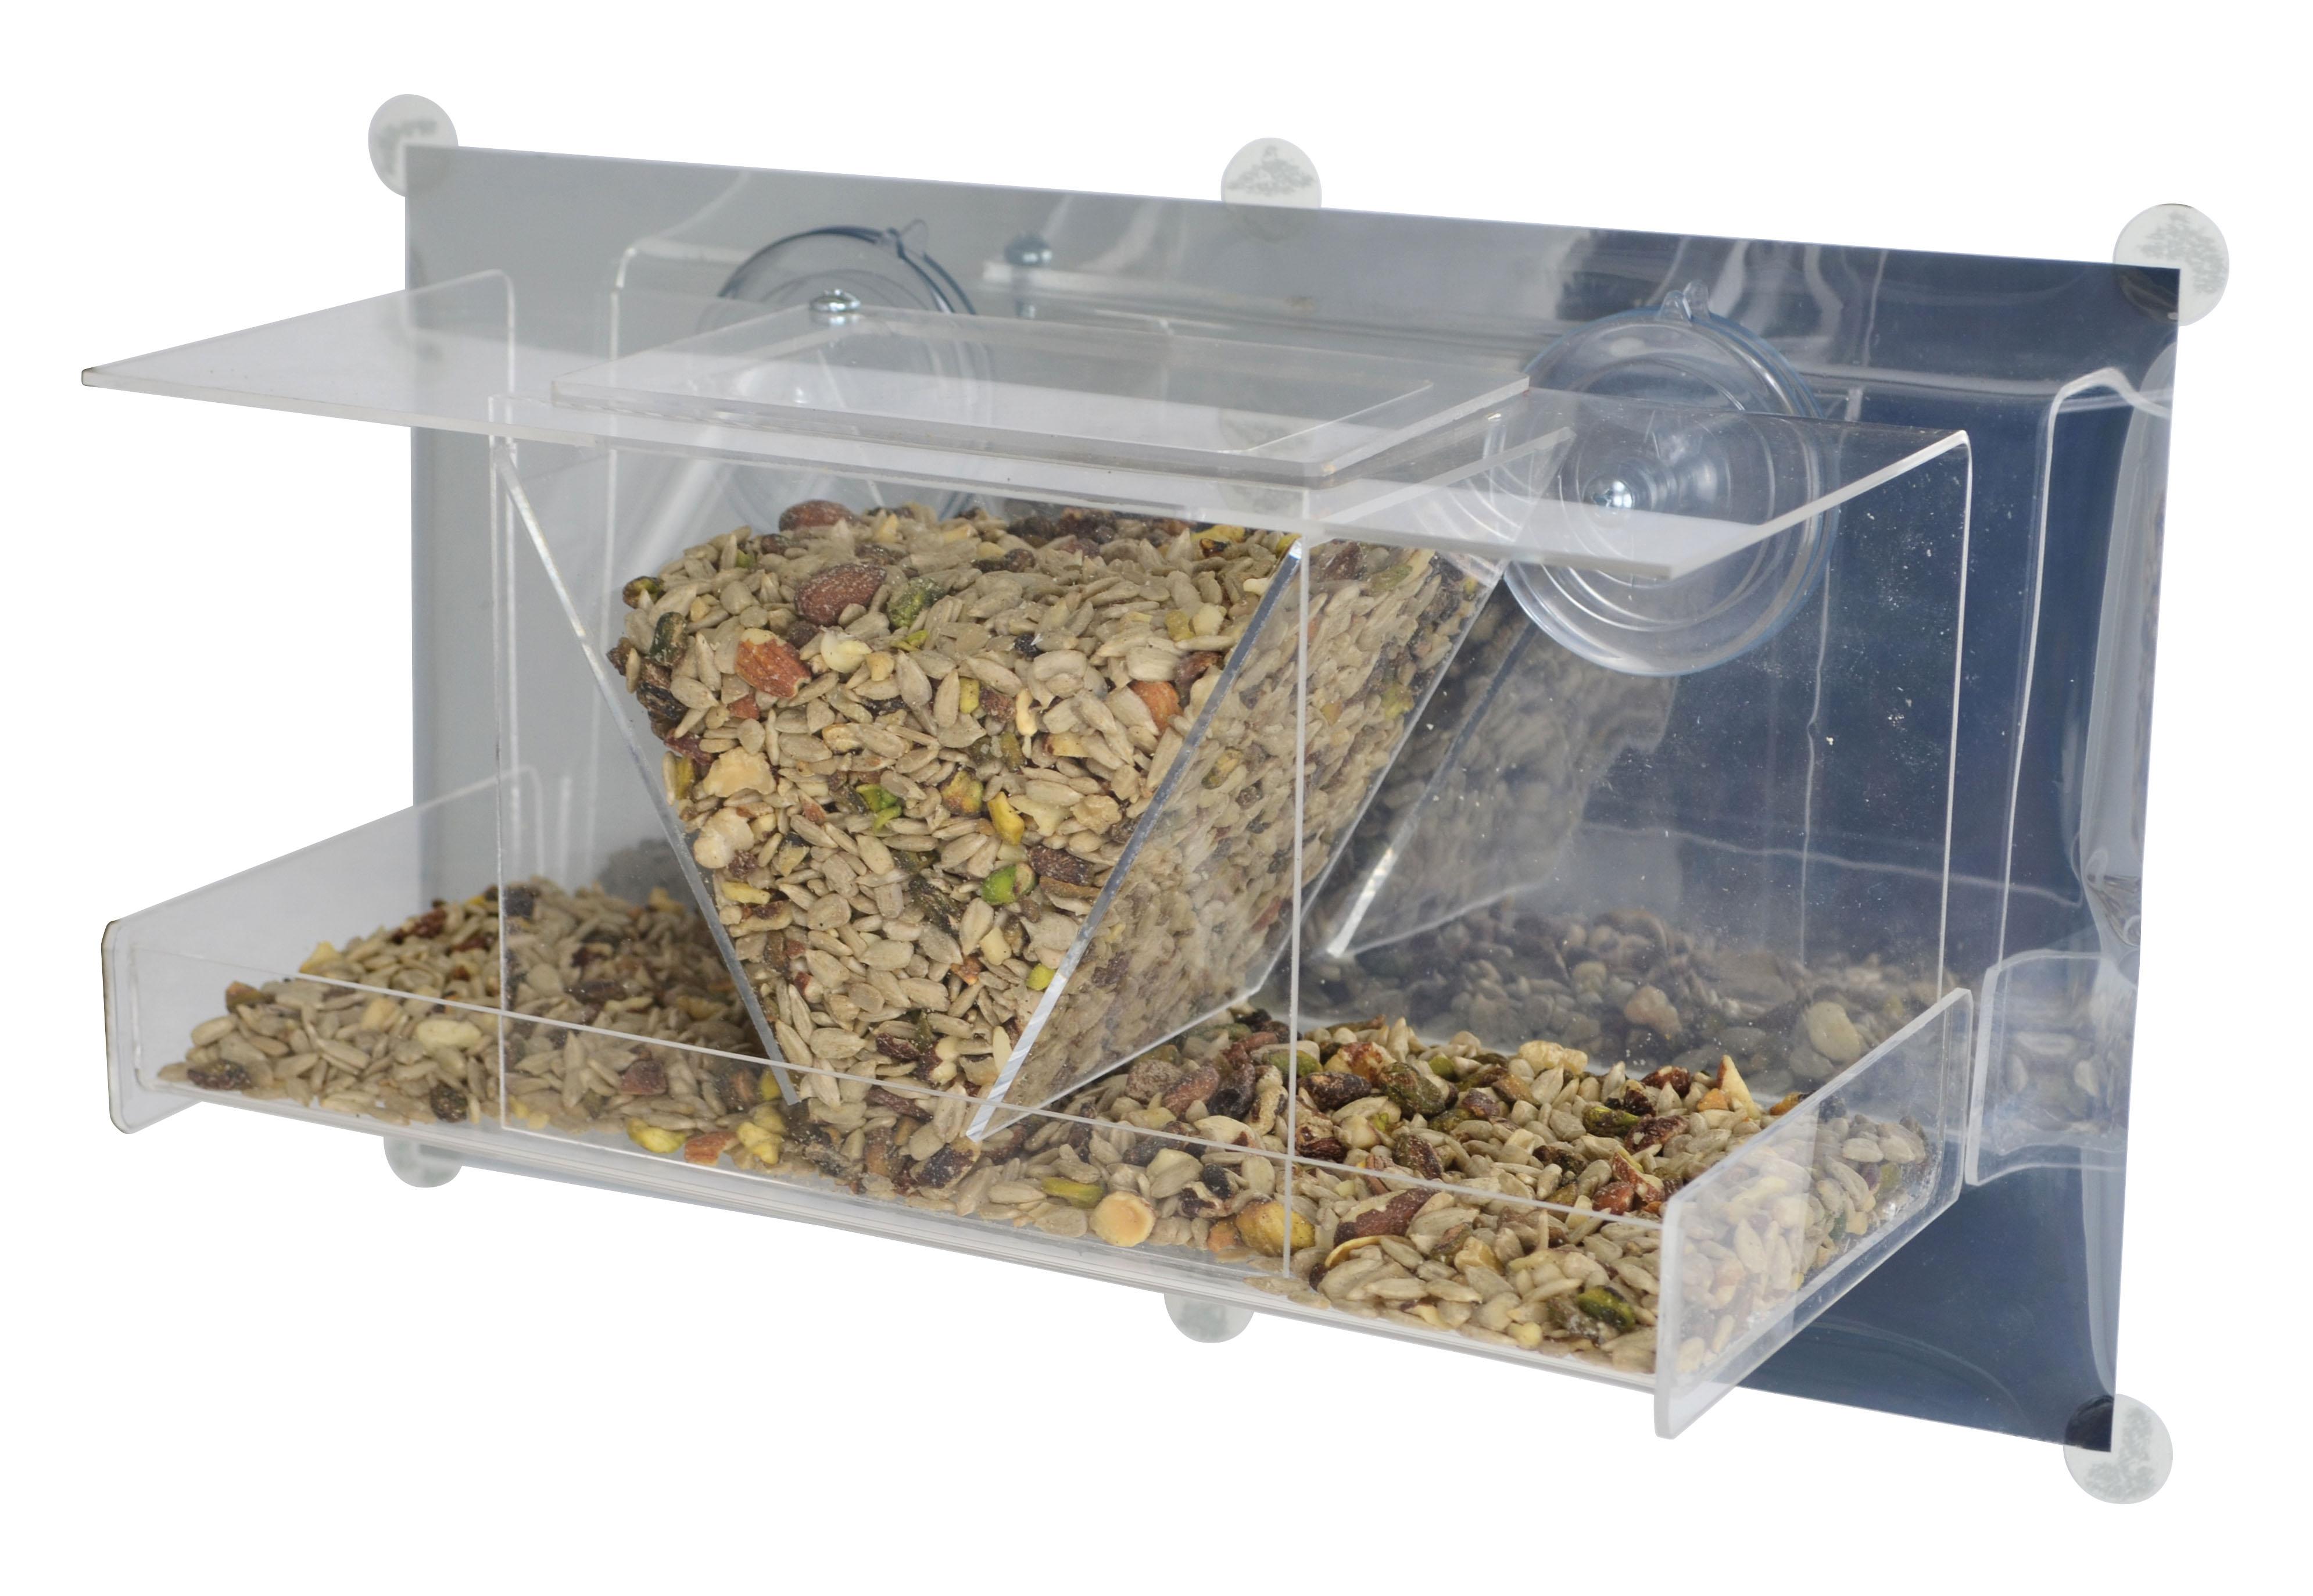 Mirror window bird feeder - Songbird Essentials Clear View Deluxe Hopper Mirrored Window Bird Feeder